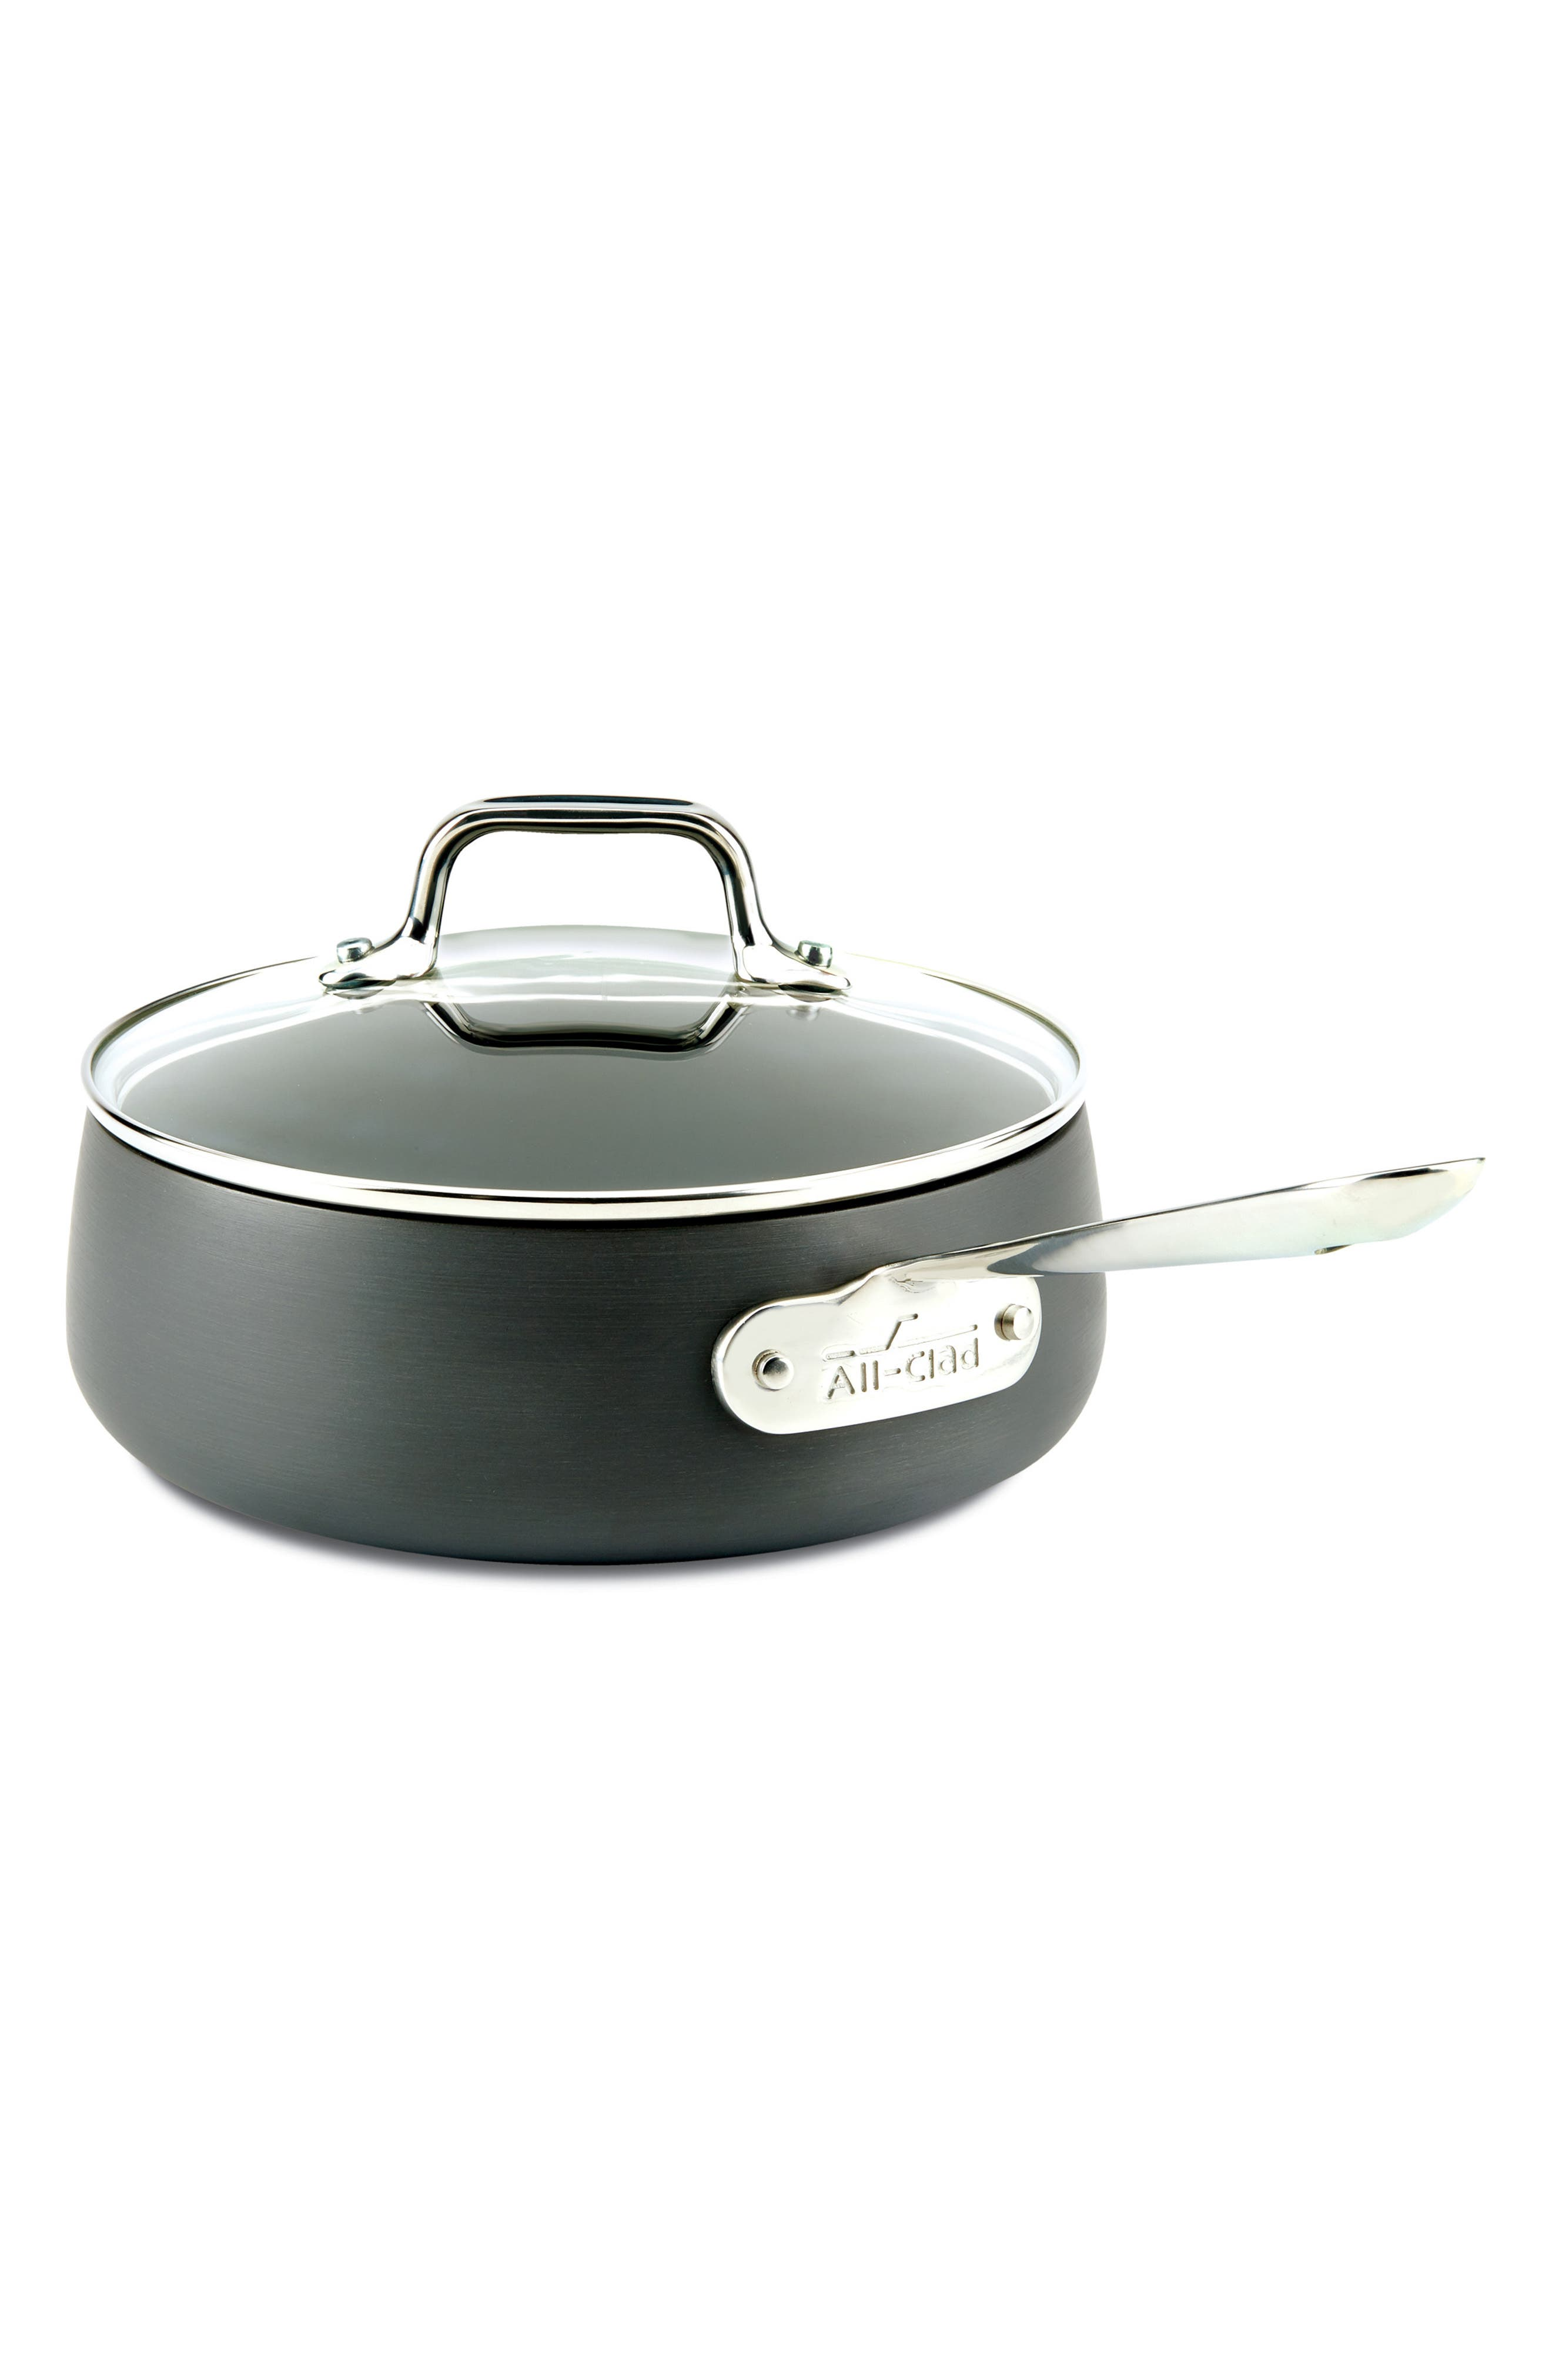 ALL-CLAD HA1 2.5-Quart Saucepan with Lid, Main, color, BLACK